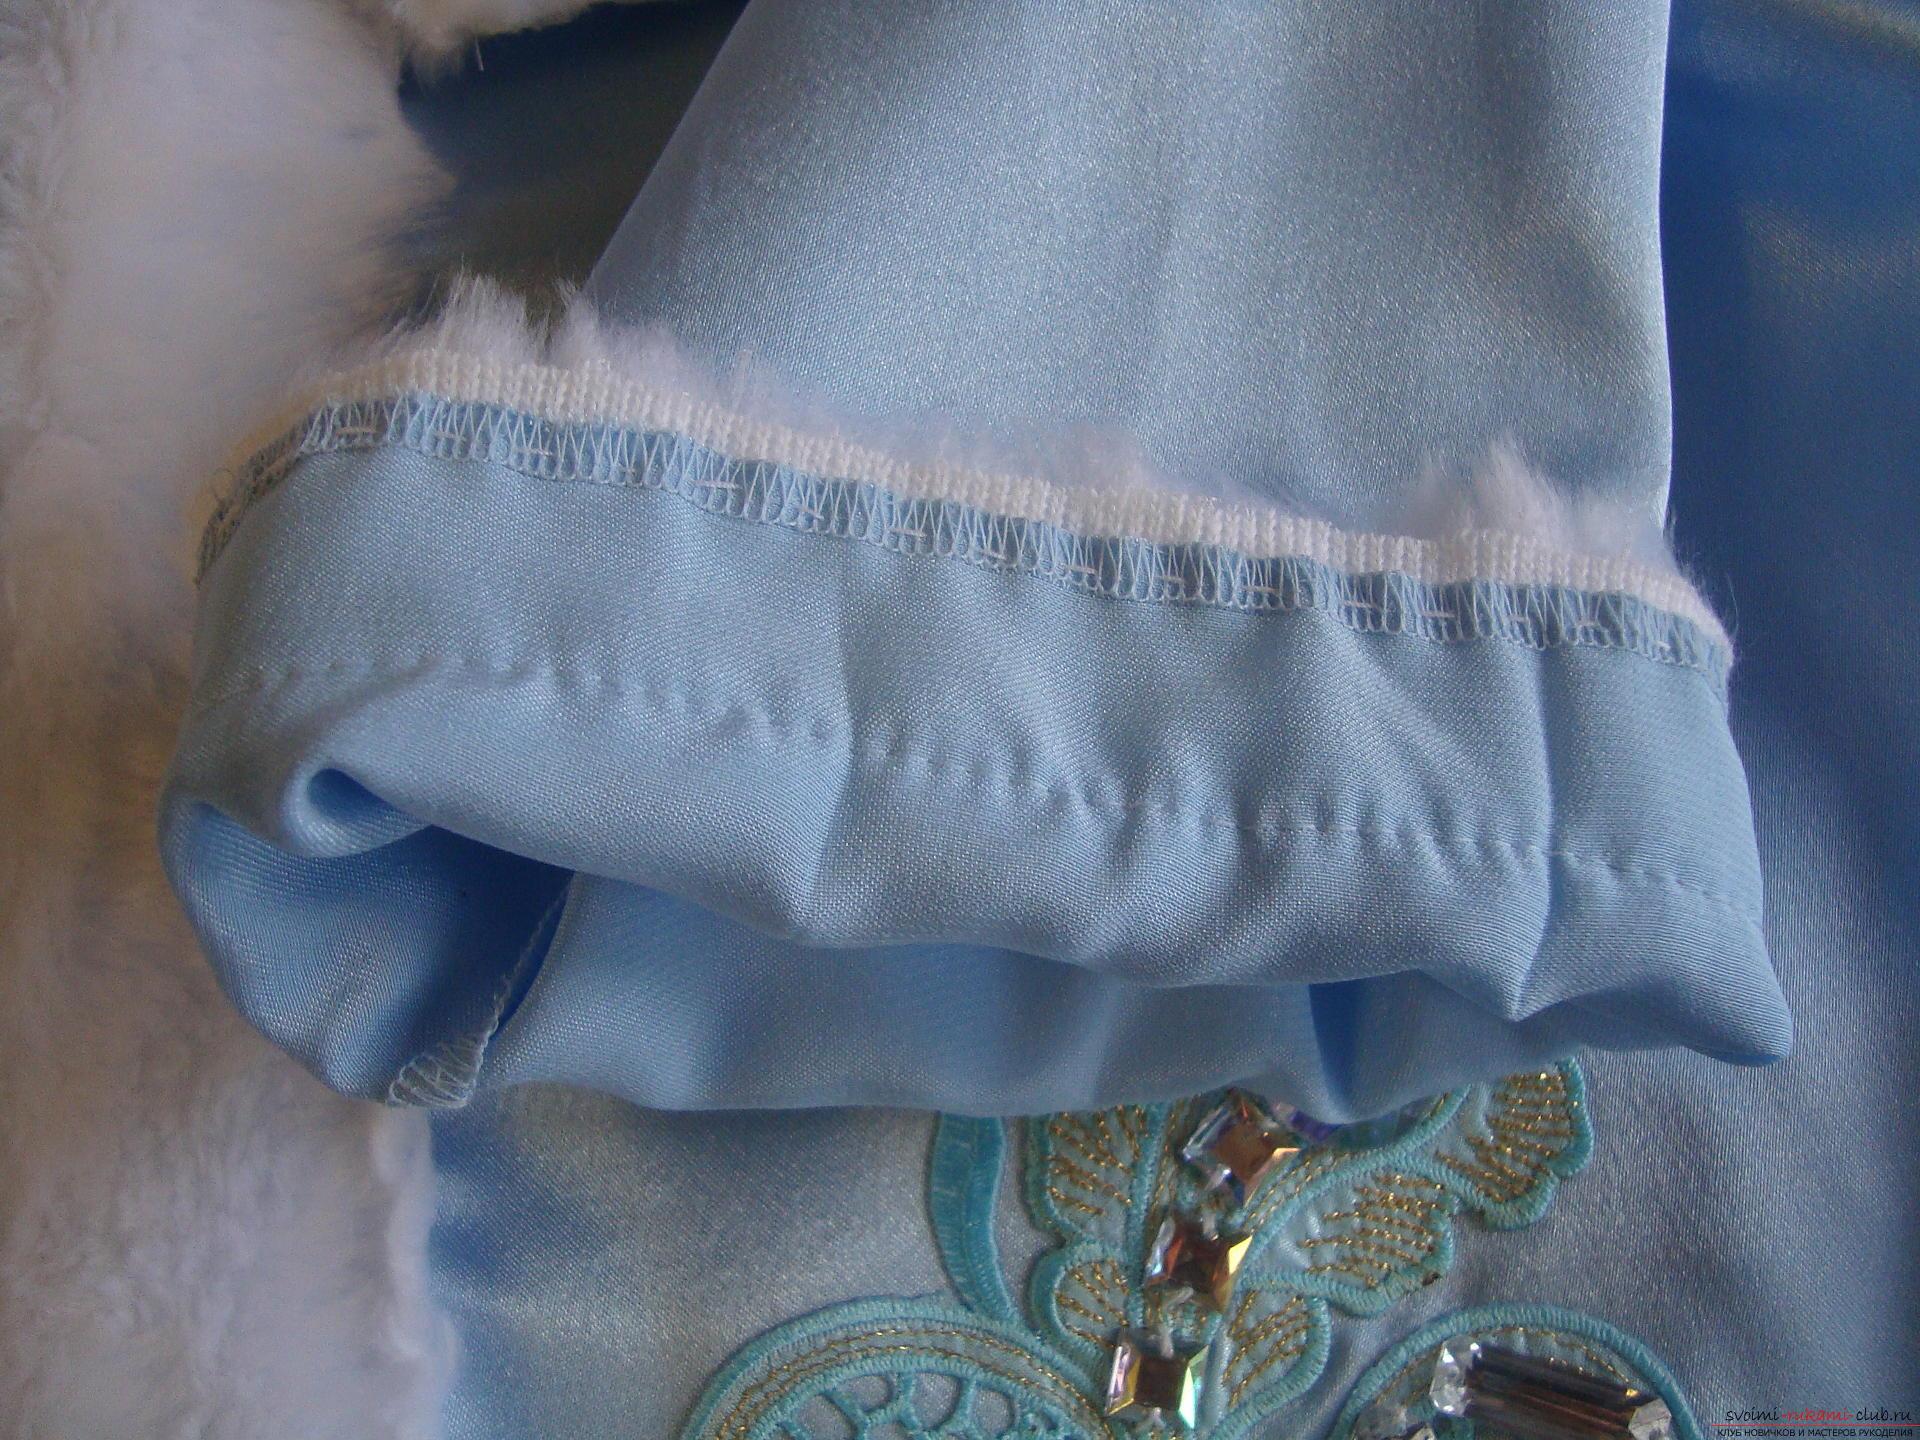 Карнавальные костюмы для девочки мама может сшить своими руками. Костюм Снегурочка понравится многим девочкам.. Фото №9